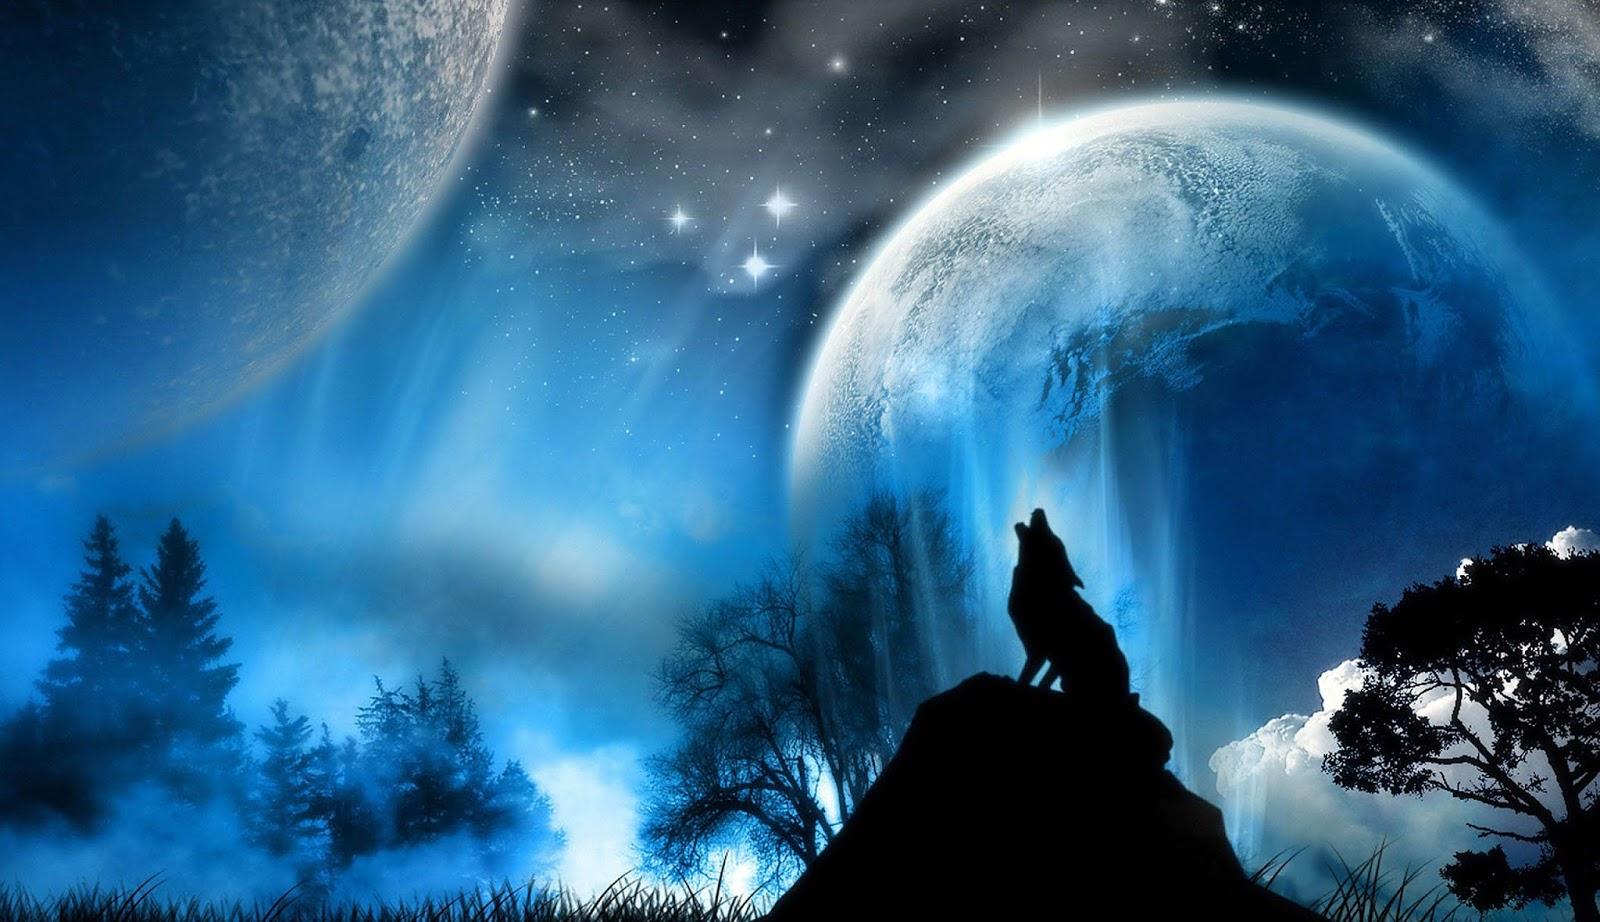 3d nature wallpaper moon - photo #39